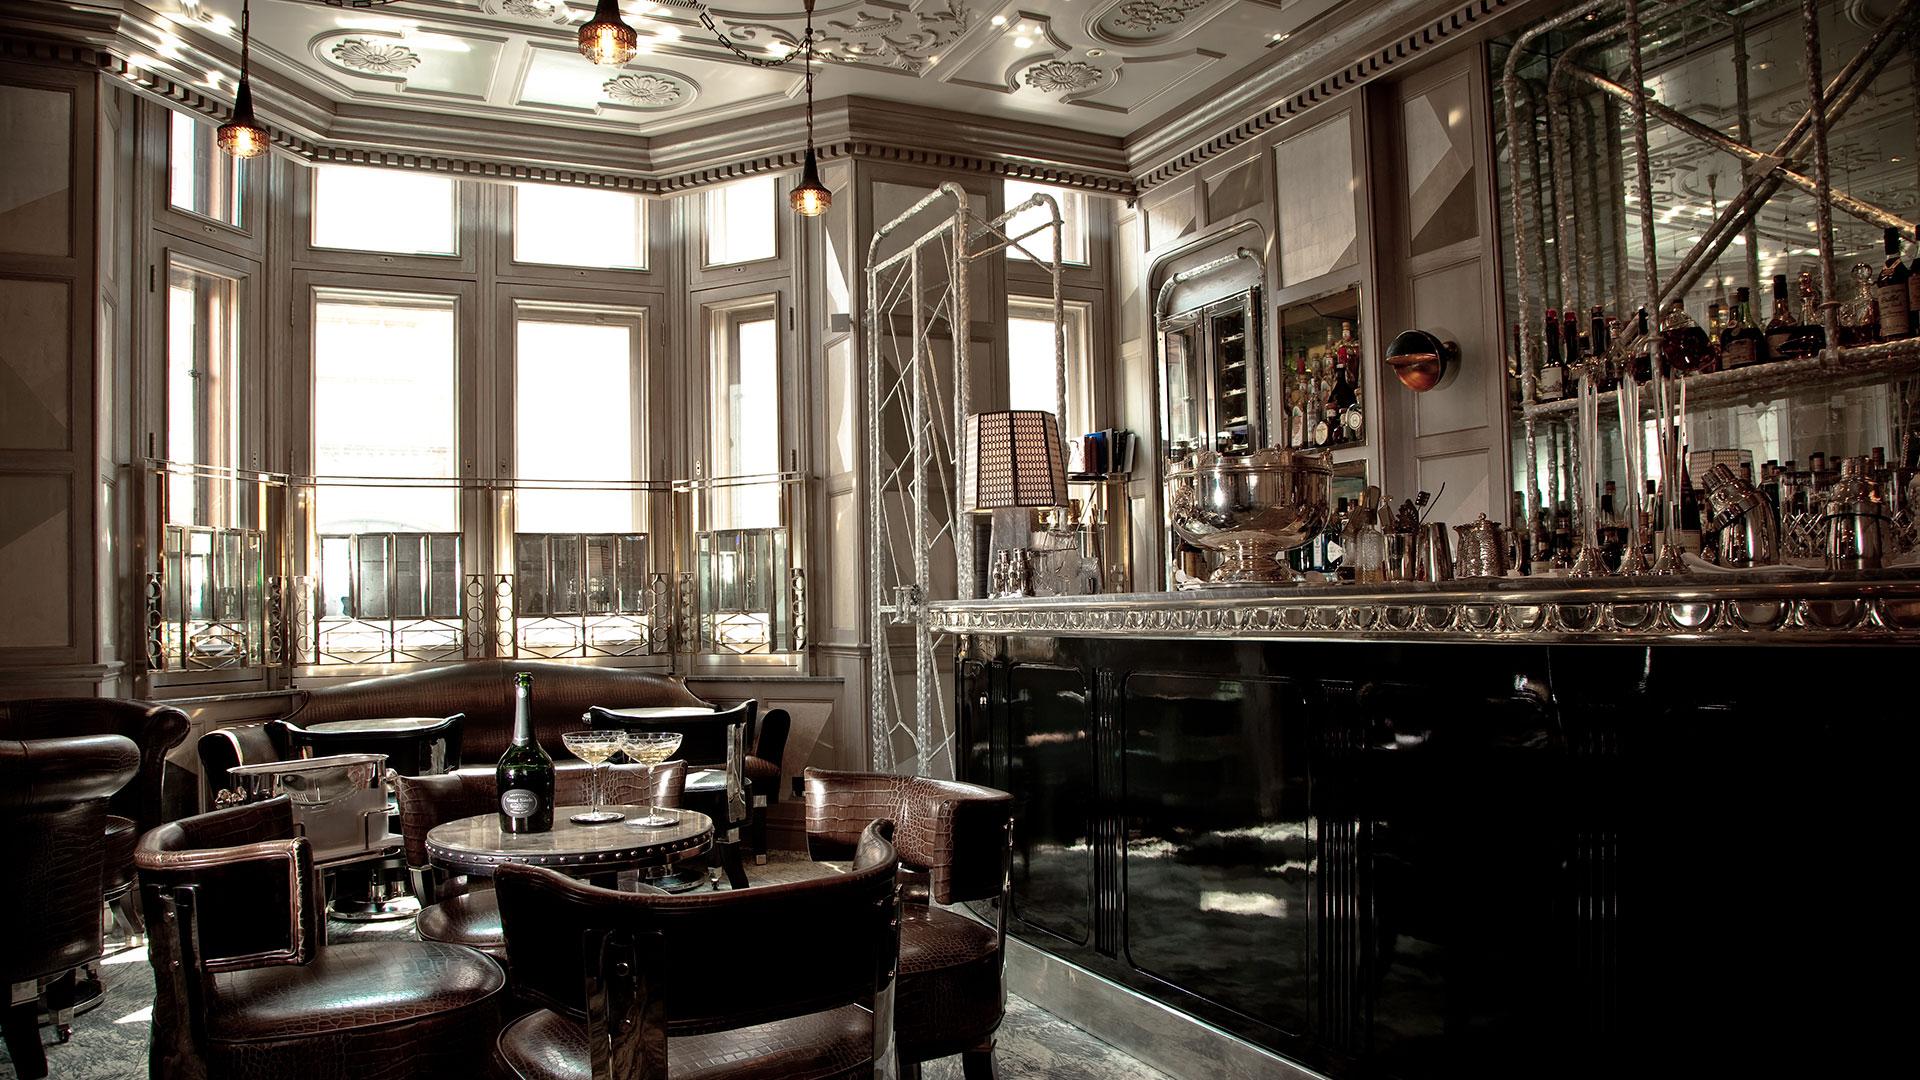 Un hotel al estilo de Agatha Christie hero asset